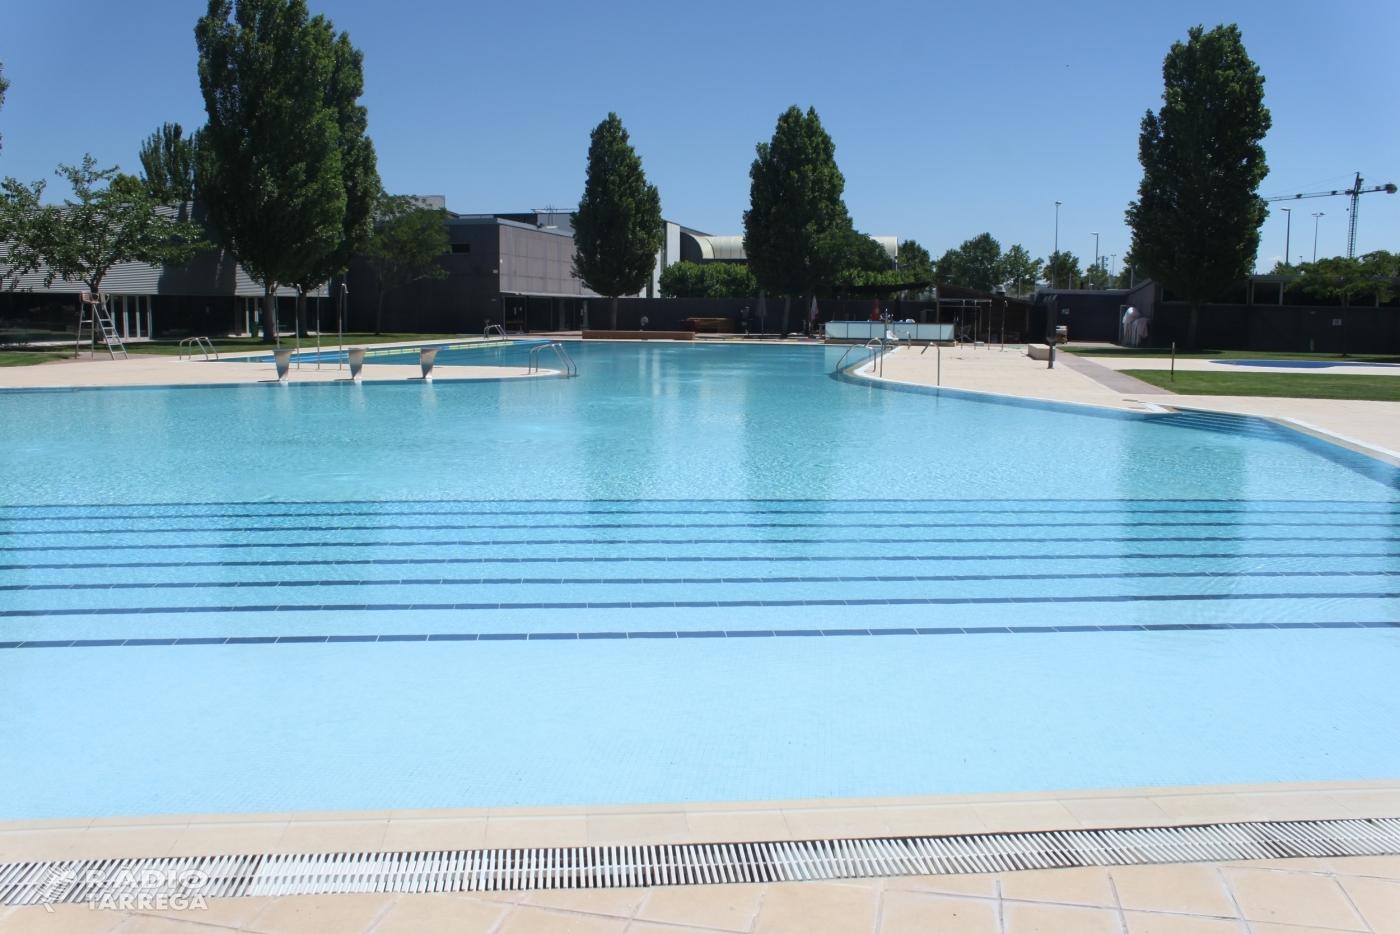 L'Ajuntament de Tàrrega treballa en fase embrionària la reobertura de les piscines municipals d'estiu